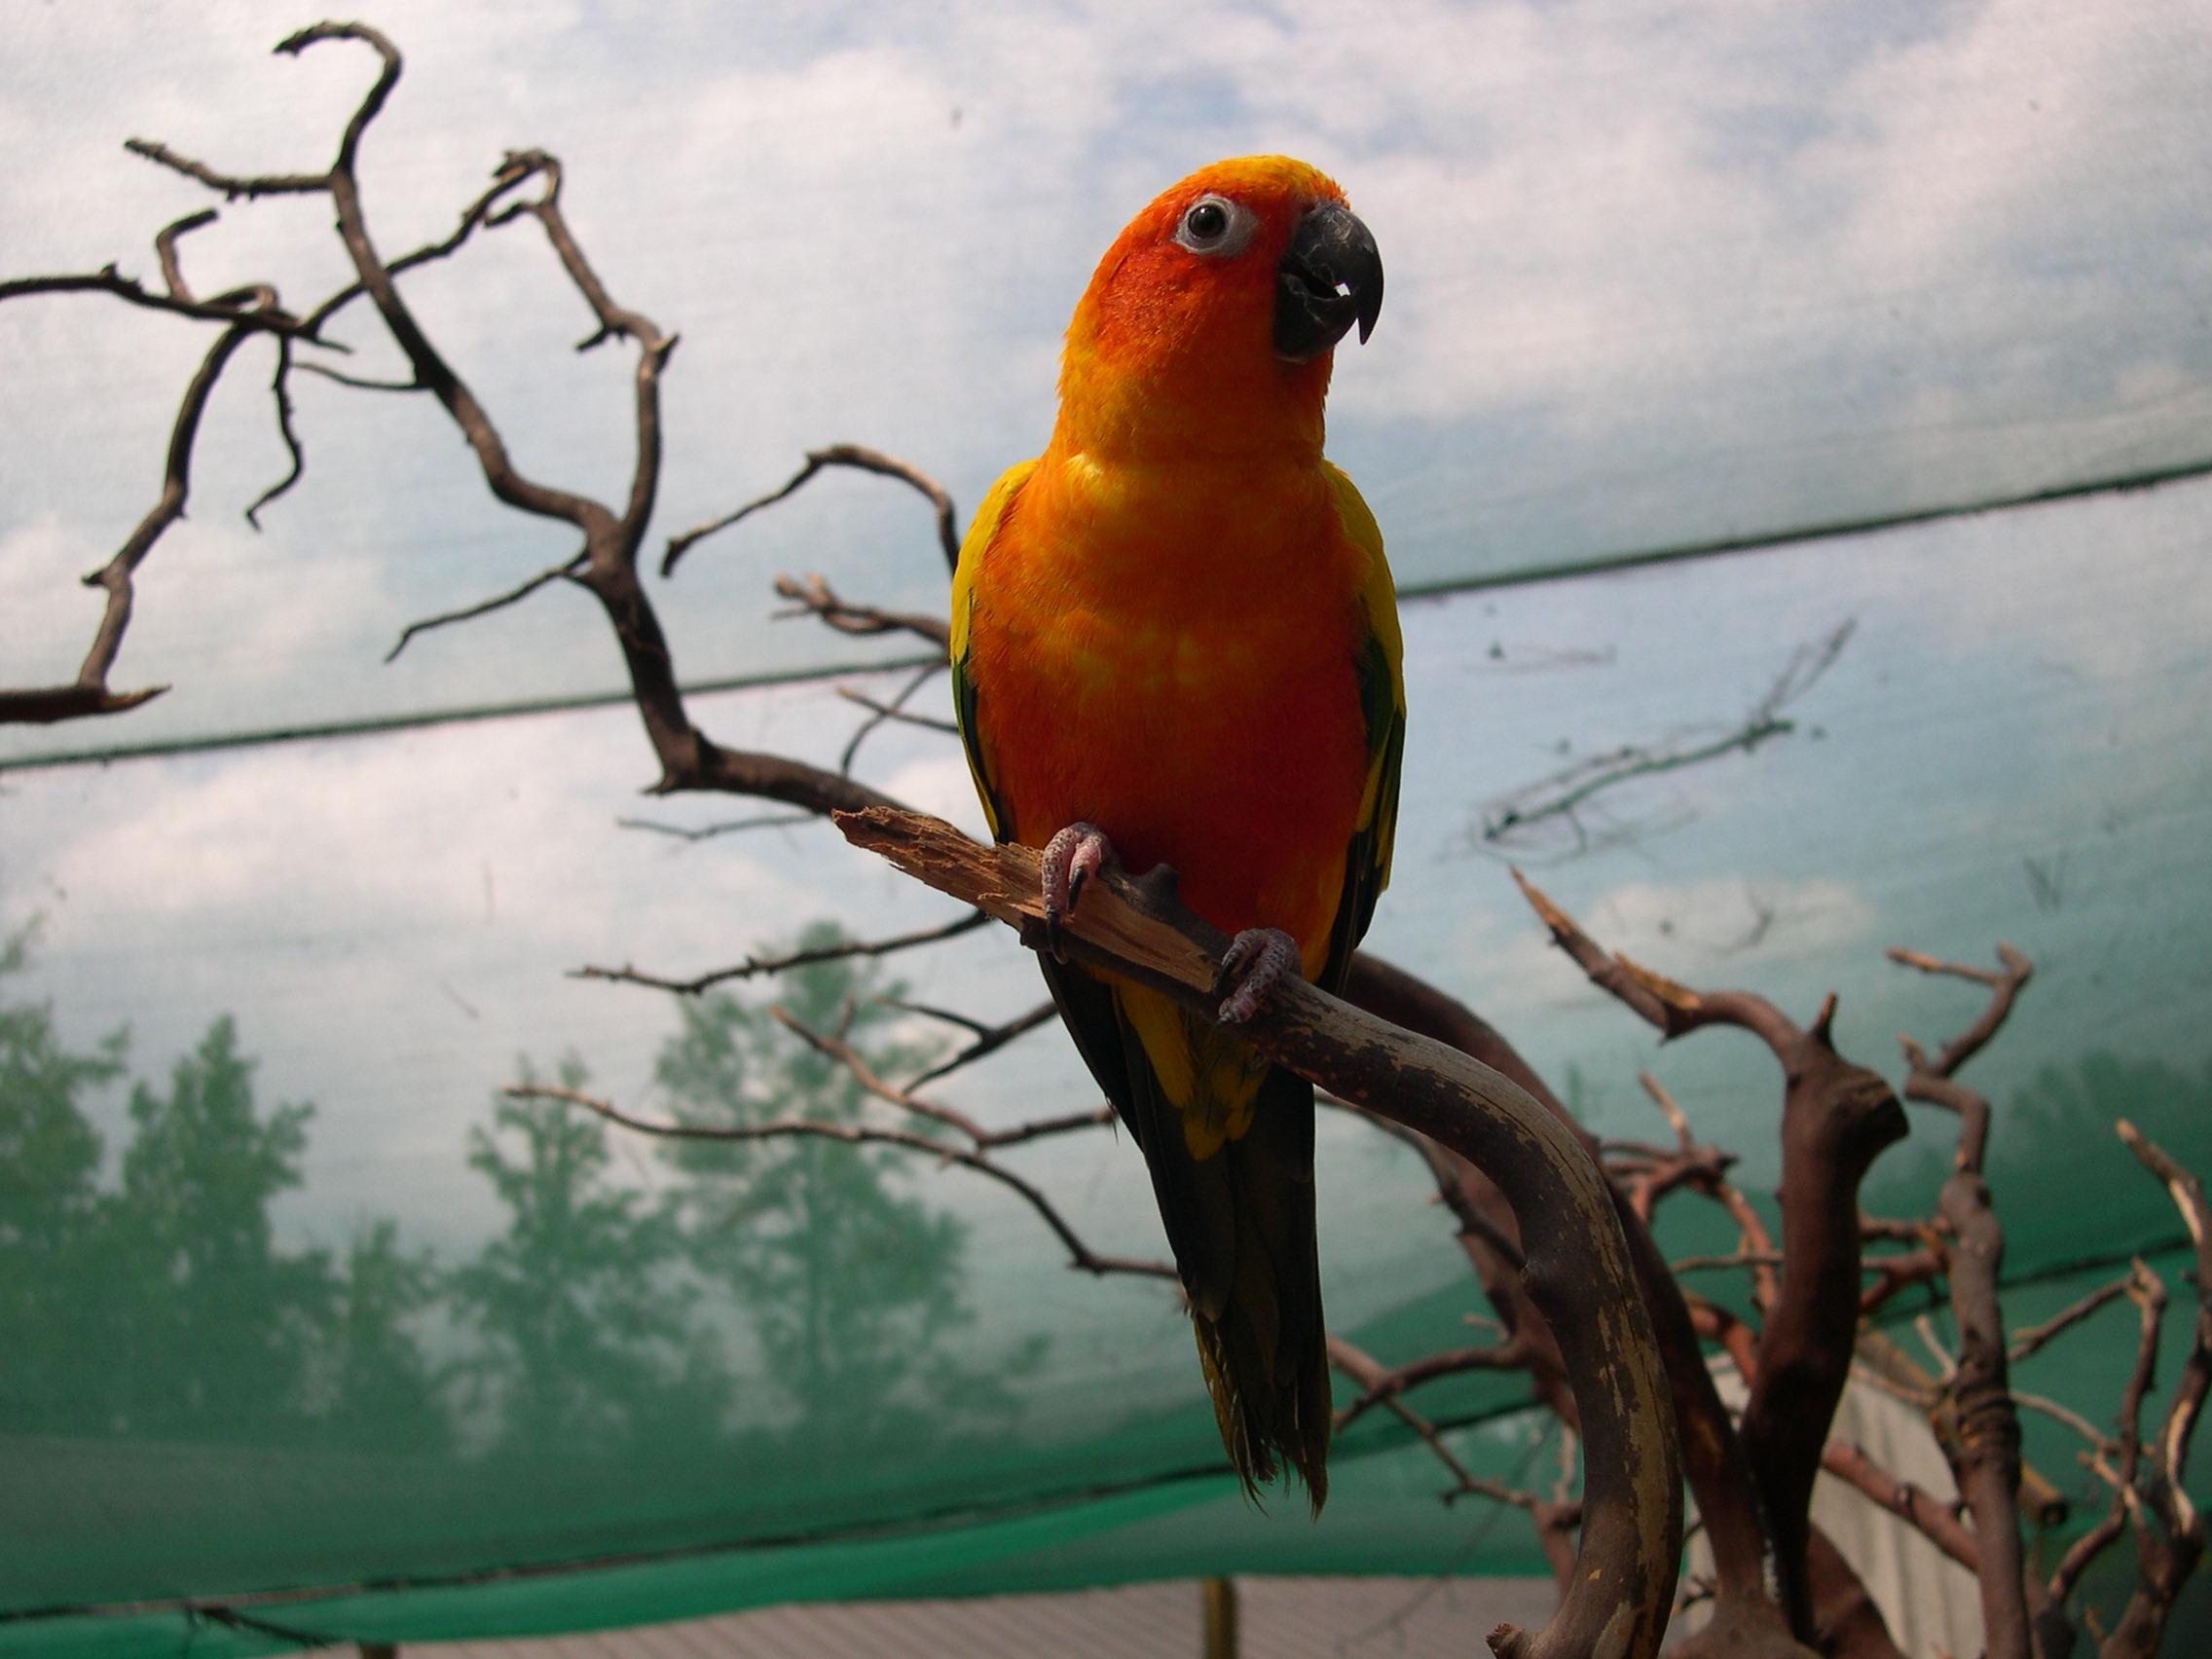 Orange bird 2